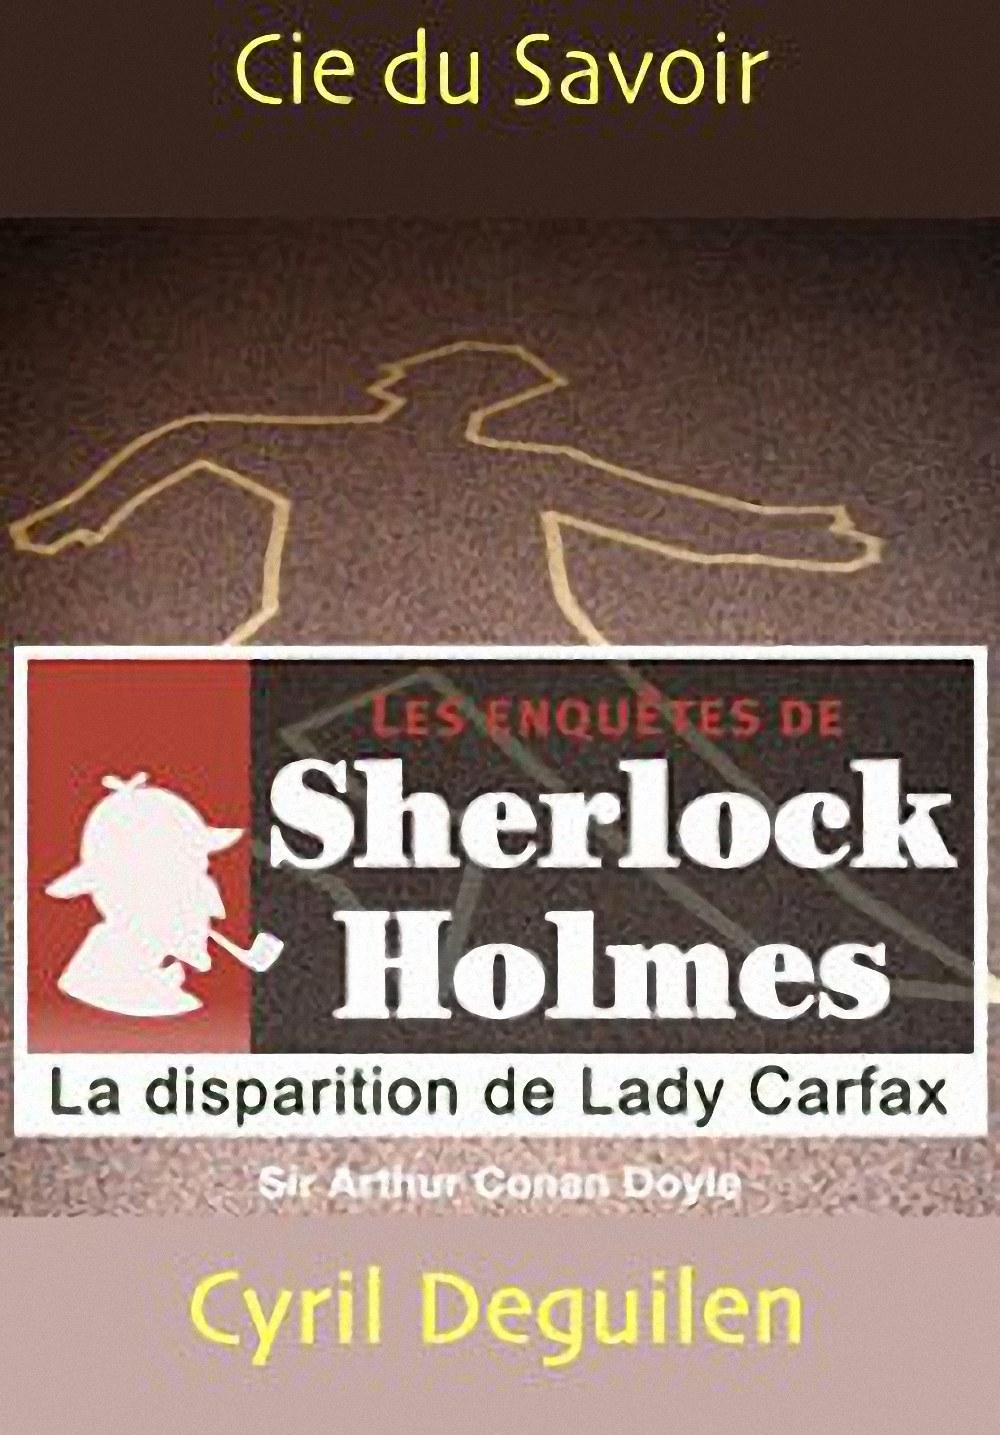 Les enquêtes de Sherlock Holmes: La disparition de Lady France Carfax |